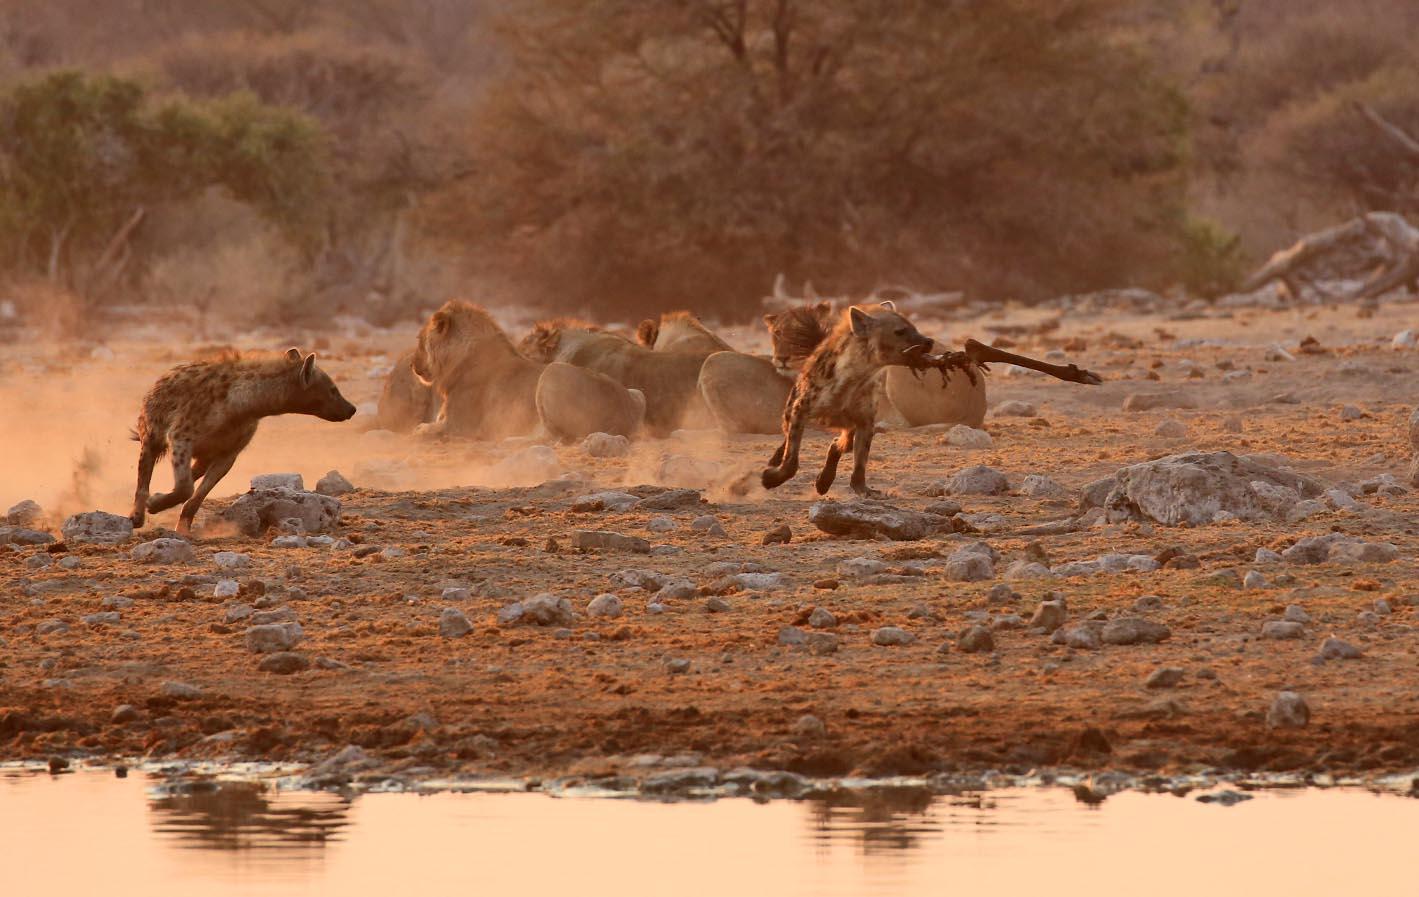 Lions vs hyenas in Etosha